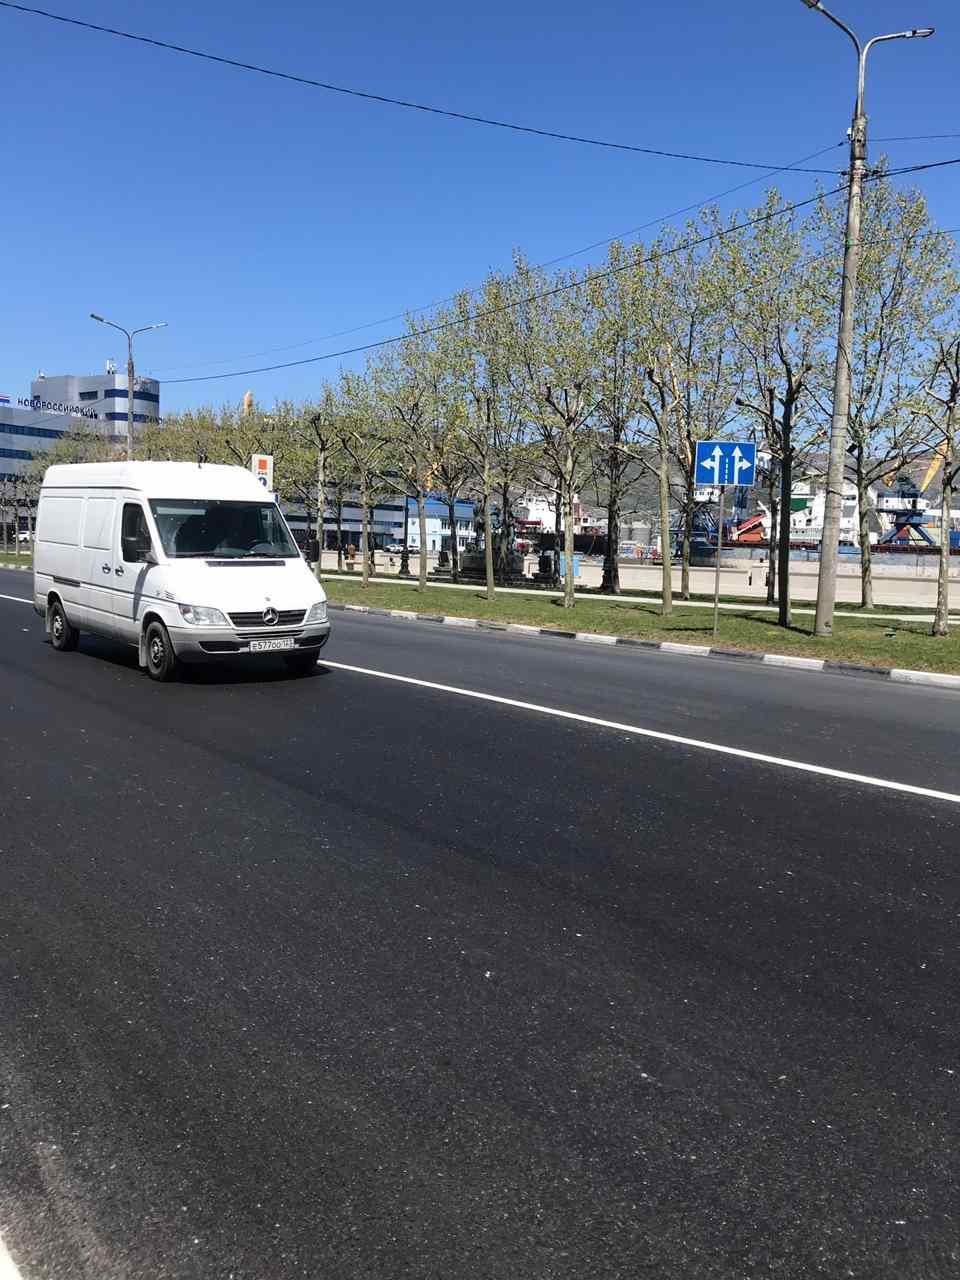 В Новороссийске отремонтировали «победные» улицы, планируют поставить новые светофоры и сделать искусственные неровности (адреса)